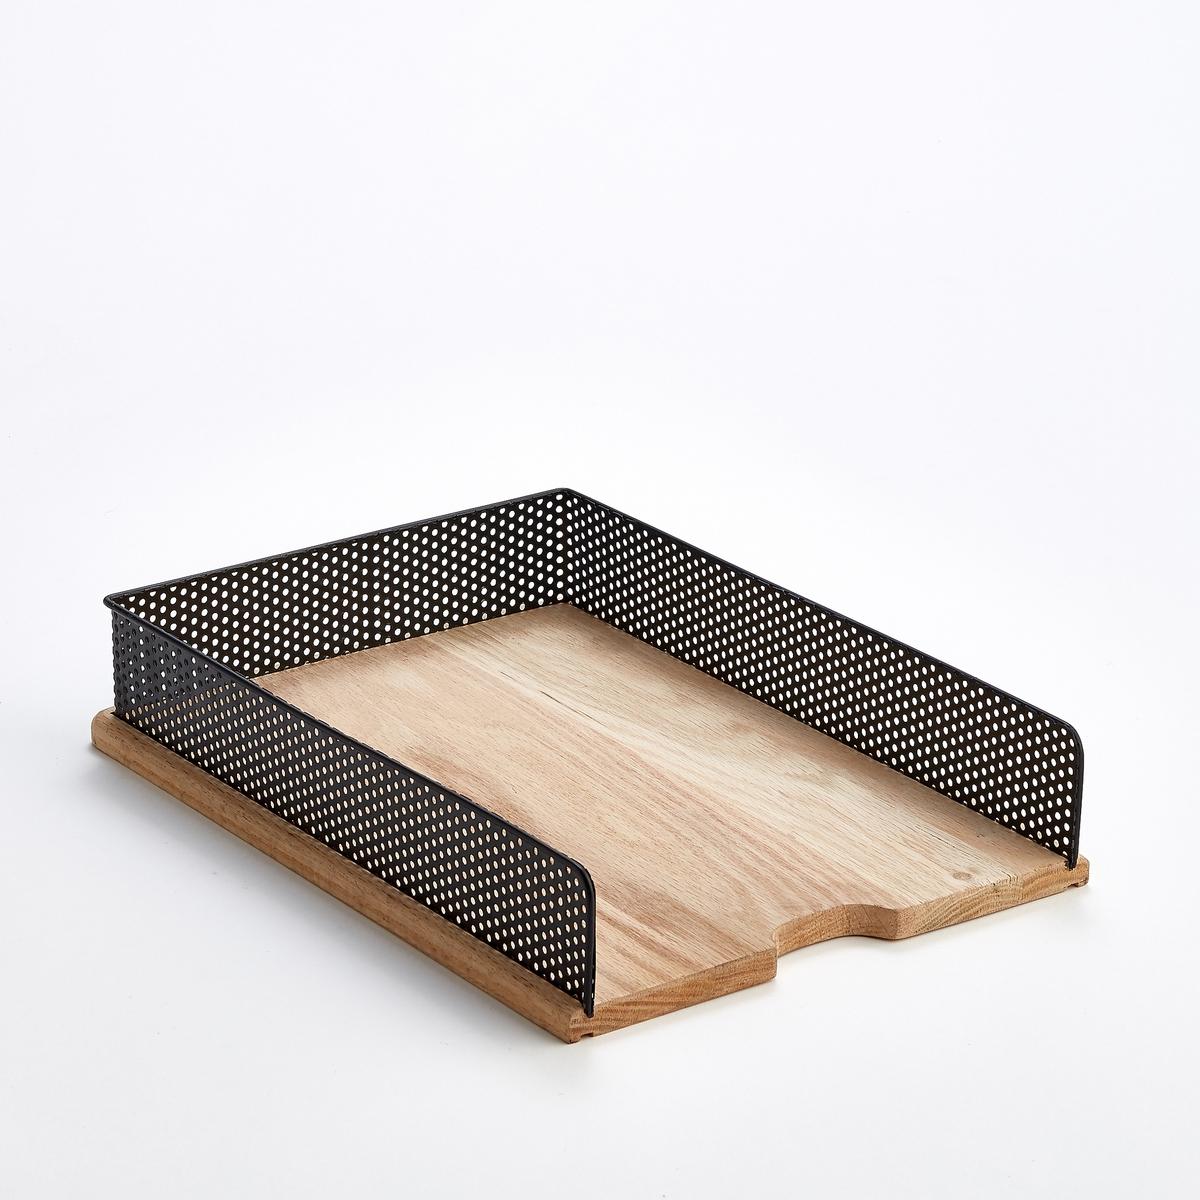 Подставка горизонтальная для писем, OrdonatoХарактеристики :- Основание и стенки из дуба - Корзина из ажурного металлаРазмеры  :- Ш.36 x В.6 x Г.26 cm Всю коллекцию Ordonato для хранения вещей на письменном столе вы можете найти на сайте sur ampm.ru<br><br>Цвет: металл черный/дуб<br>Размер: единый размер